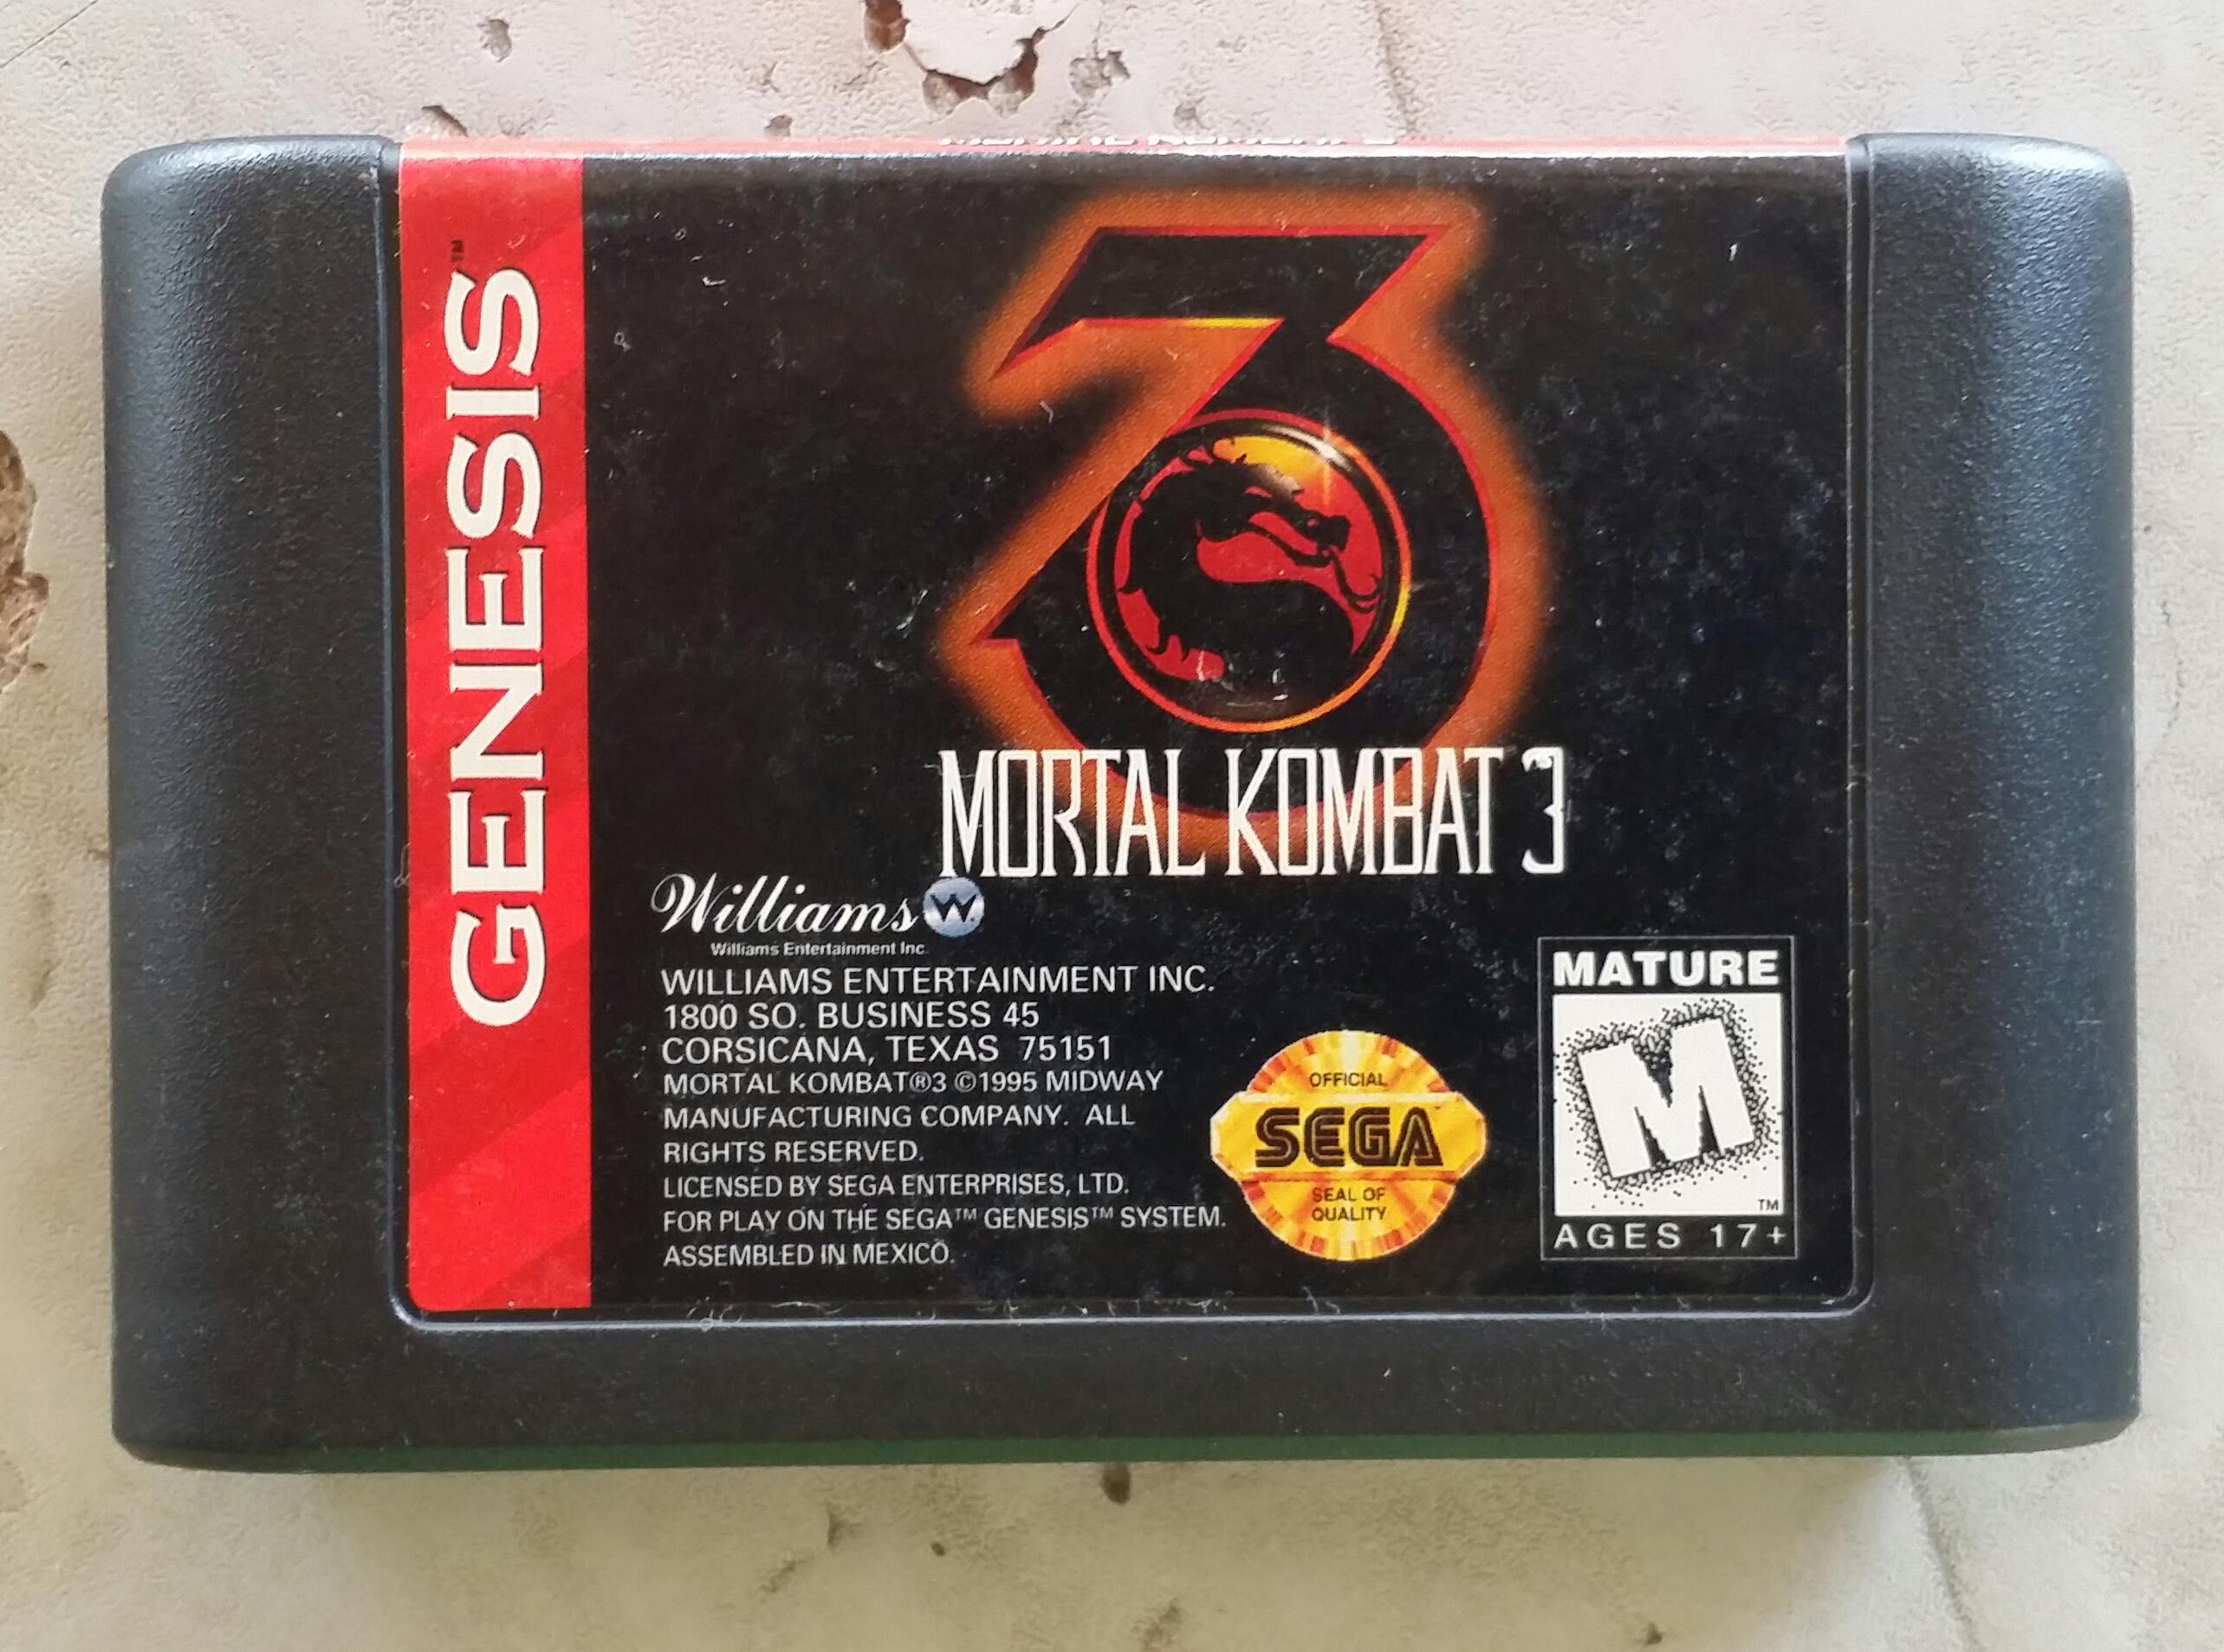 Mortal Kombat 3 Sega Genesis – Picker Junk